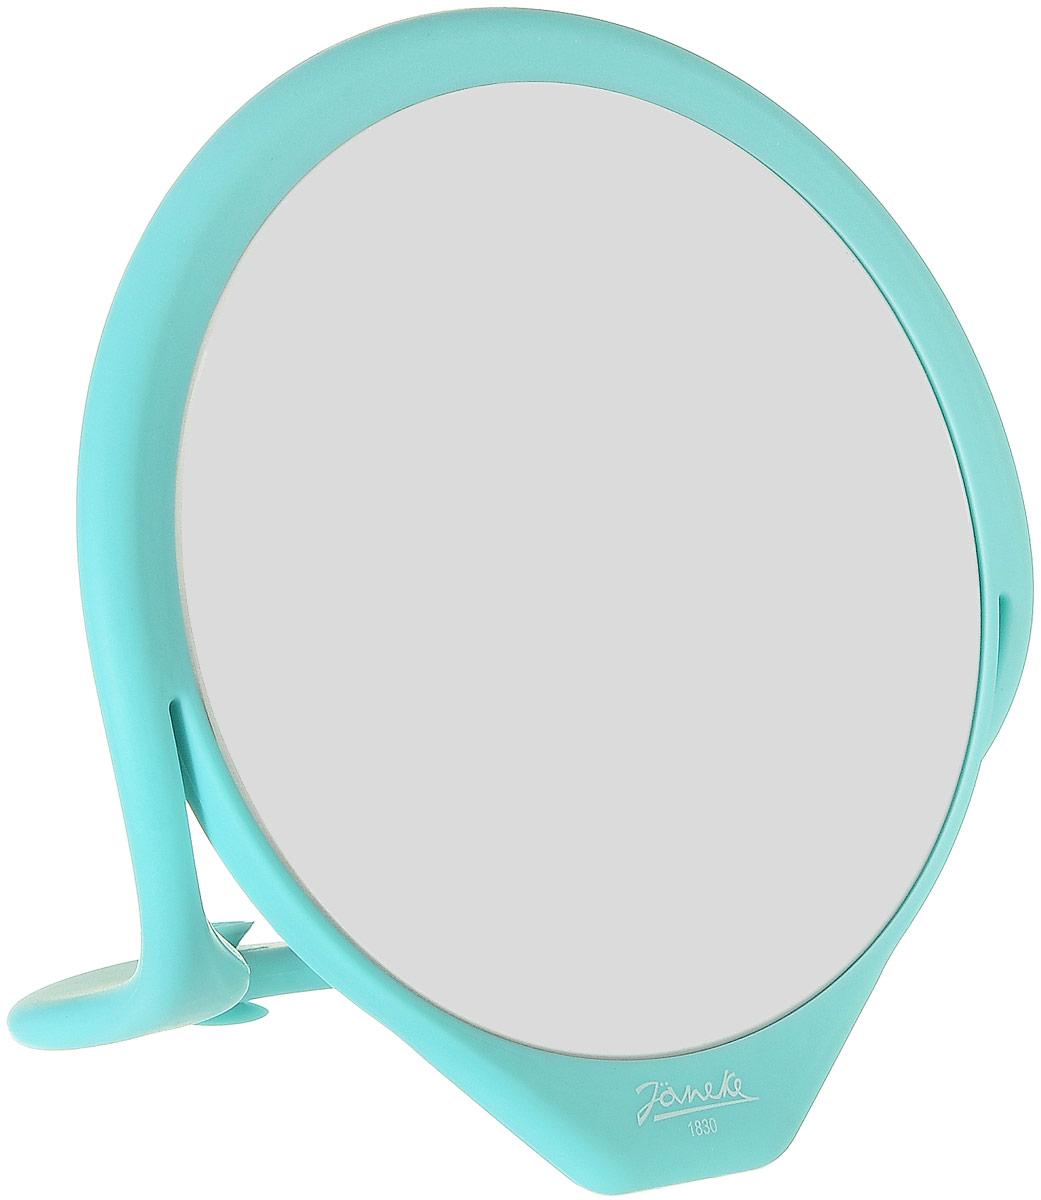 Janeke Зеркало настольное, 10445 TSE1301210Марка Janeke – мировой лидер по производству расчесок, щеток, маникюрных принадлежностей, зеркал и косметичек. Марка Janeke, основанная в 1830 году, вот уже почти 180 лет поддерживает непревзойденное качество своей продукции, сочетая новейшие технологии с традициями ста- рых миланских мастеров. Все изделия на 80% производятся вручную, а инновационные технологии и современные материалы делают продукцию марки поистине уникальной. Стильный и эргономичный дизайн, яркие цветовые решения – все это приносит истин- ное удовольствие от использования аксессуаров Janeke. Зеркала для дома итальянской марки Janeke, изготовленные из высококачественных материалов и выполненные в оригинальном стильном дизайне, дополнят любой интерьер. Односторонние или двусторонние, с увеличением и без, на красивых и удобных подс- тавках – зеркала Janeke прослужат долго и доставят истинное удо- вольствие от использования